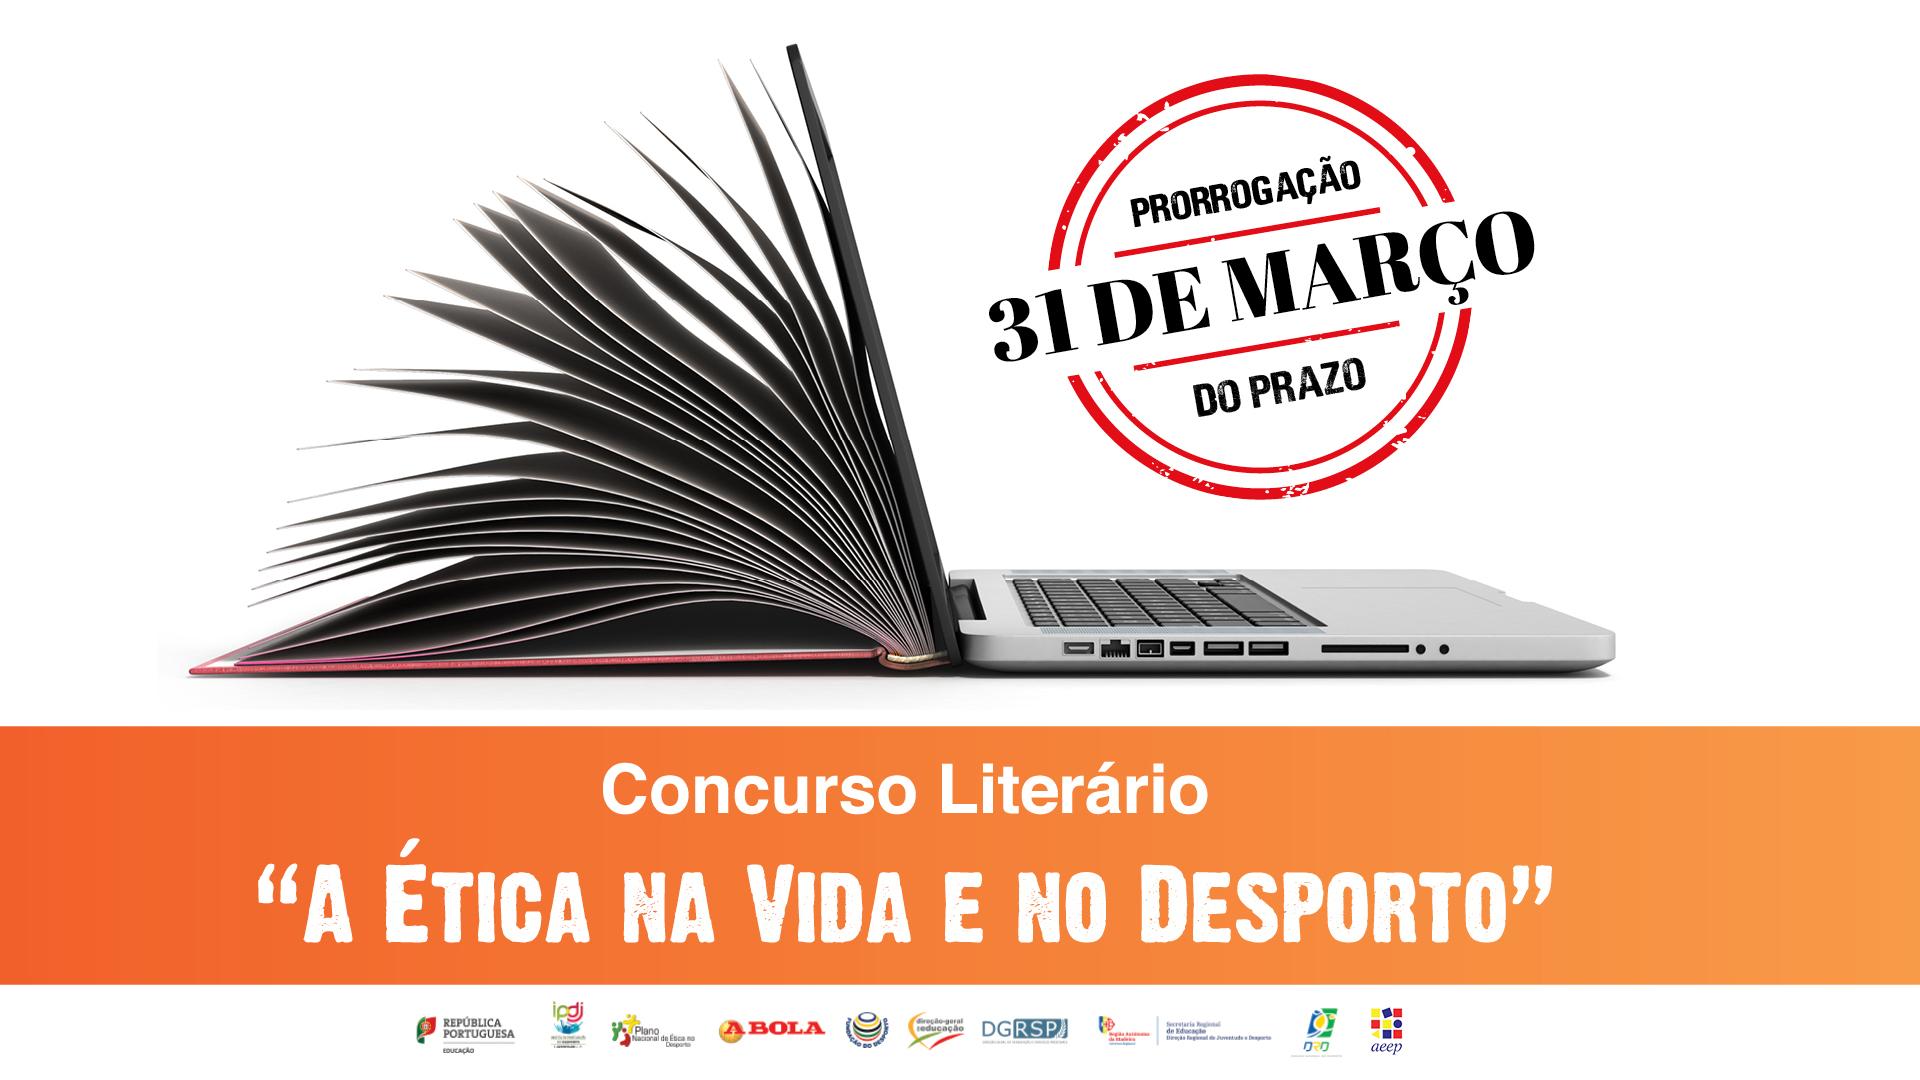 """Concurso literário """"A Ética na Vida e no Desporto"""" com prazo alargado"""